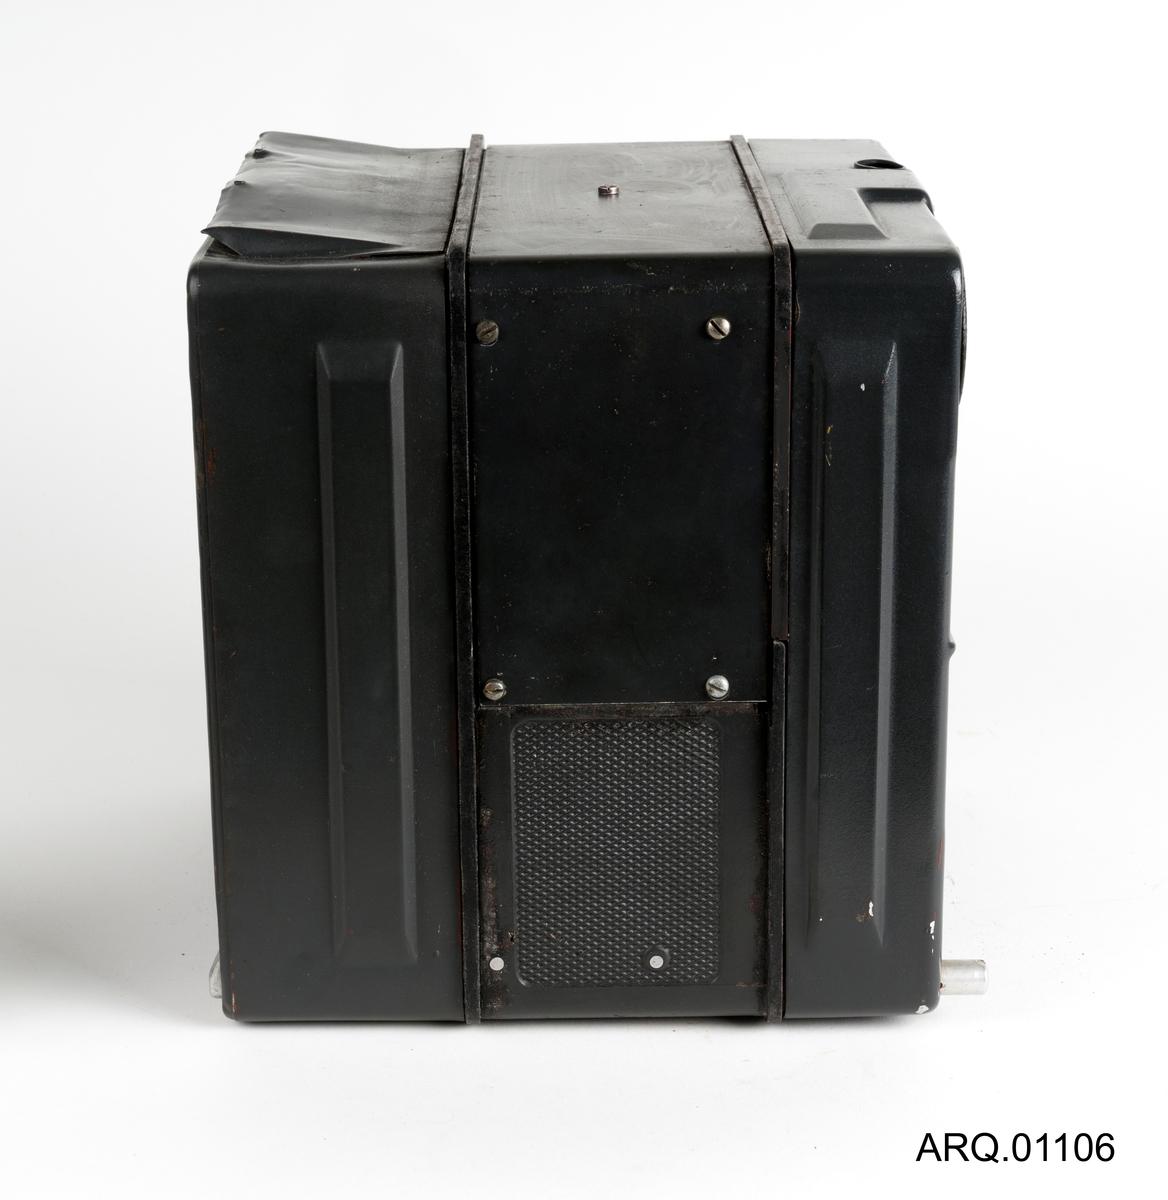 Tysk langbølge radiosender fra andre verdenskrig. Type S 10 L